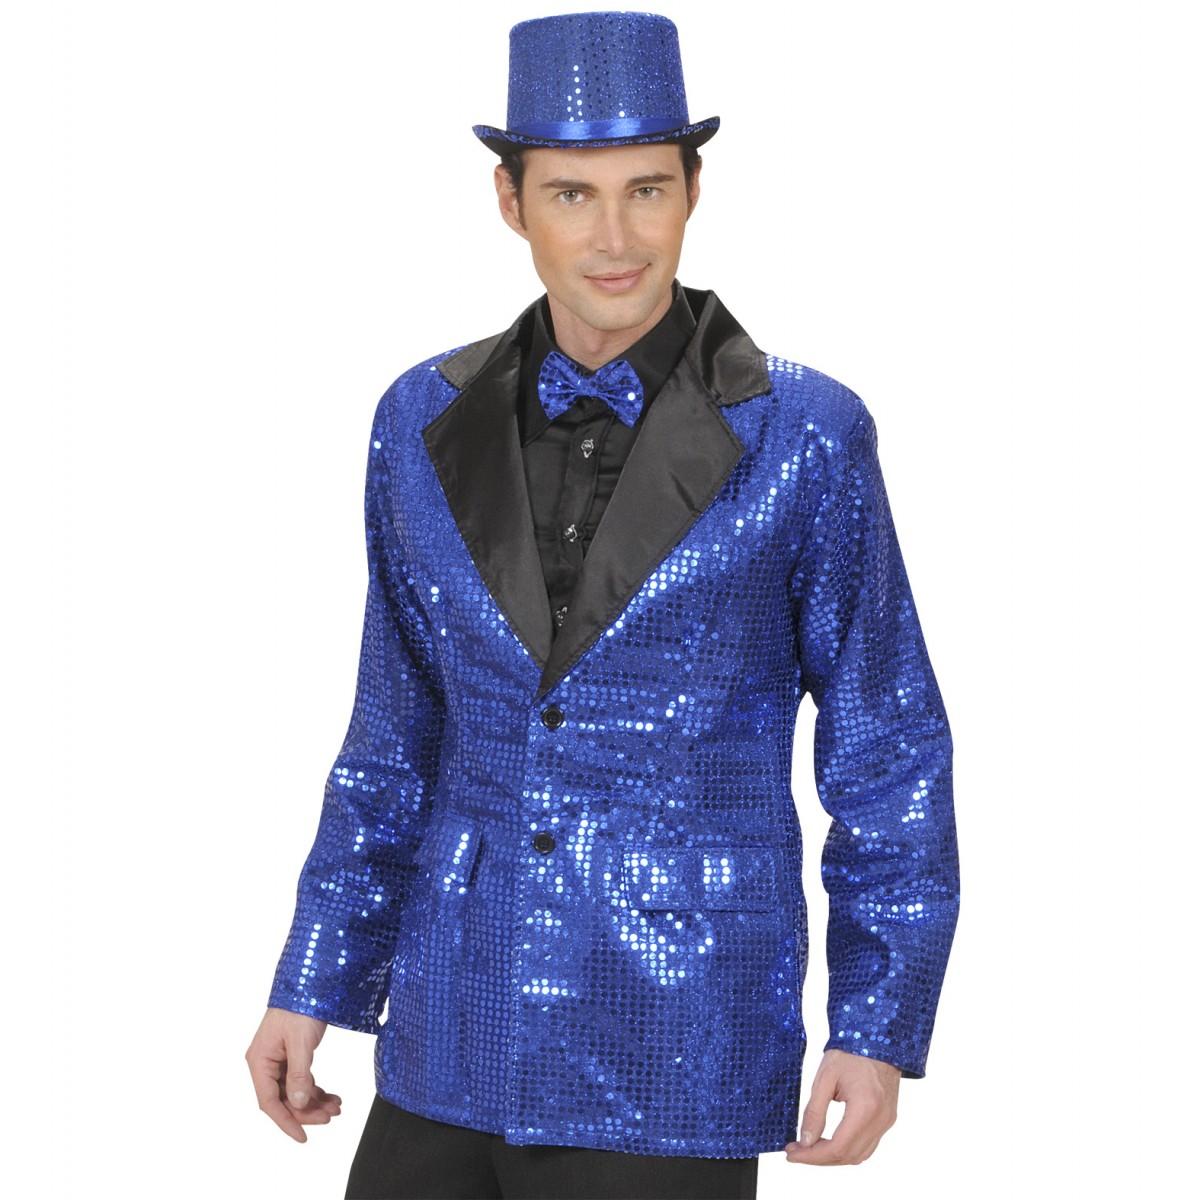 BELLA HXR Giacca Lana Uomo Invernale Lunga Blazer Cappotto Elegante Stile Britannico Giacche Lunghe Tinta Unita Giubbotto Moda Giacca Uomo Urbano Invernali Cappotti